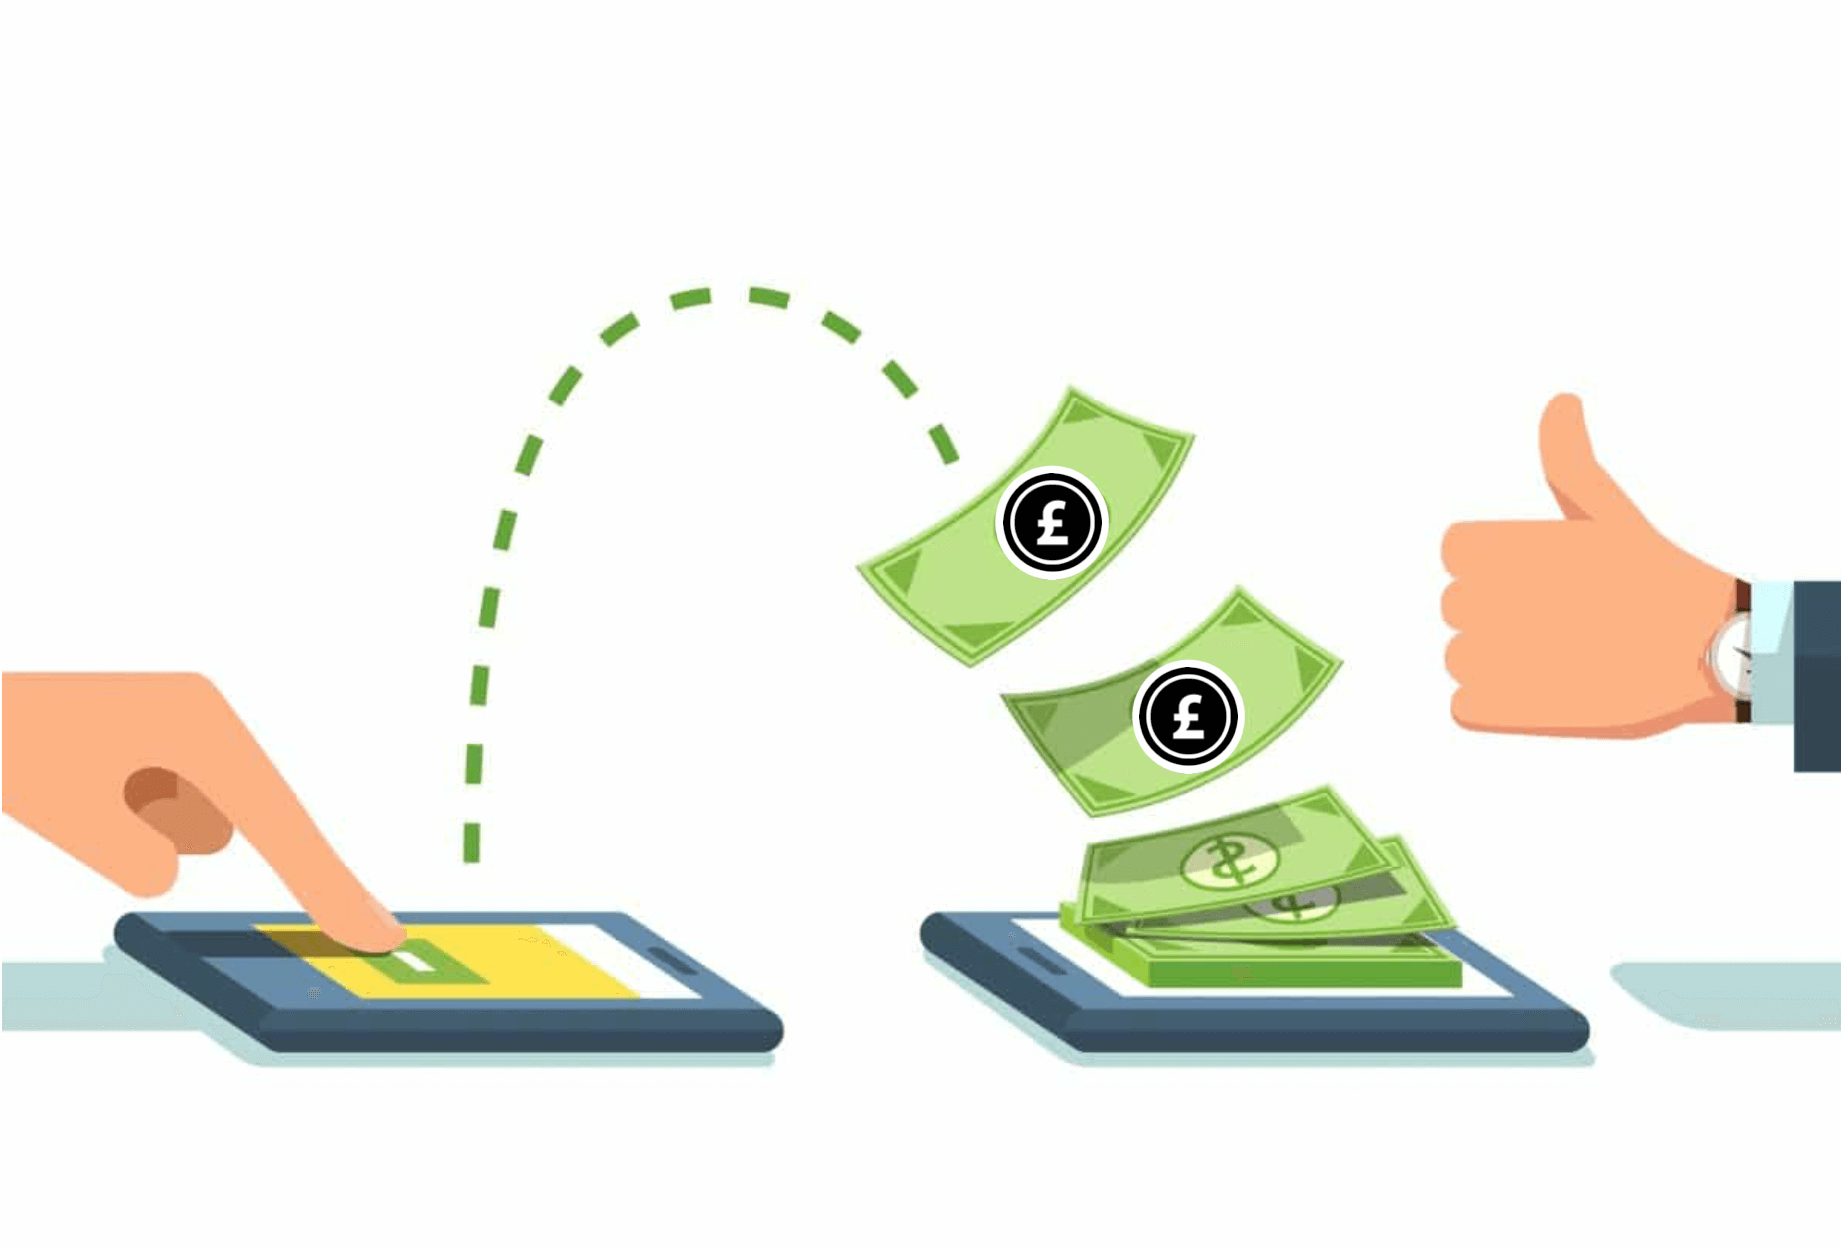 cum se fac exemple rapide de bani cum faci bani video